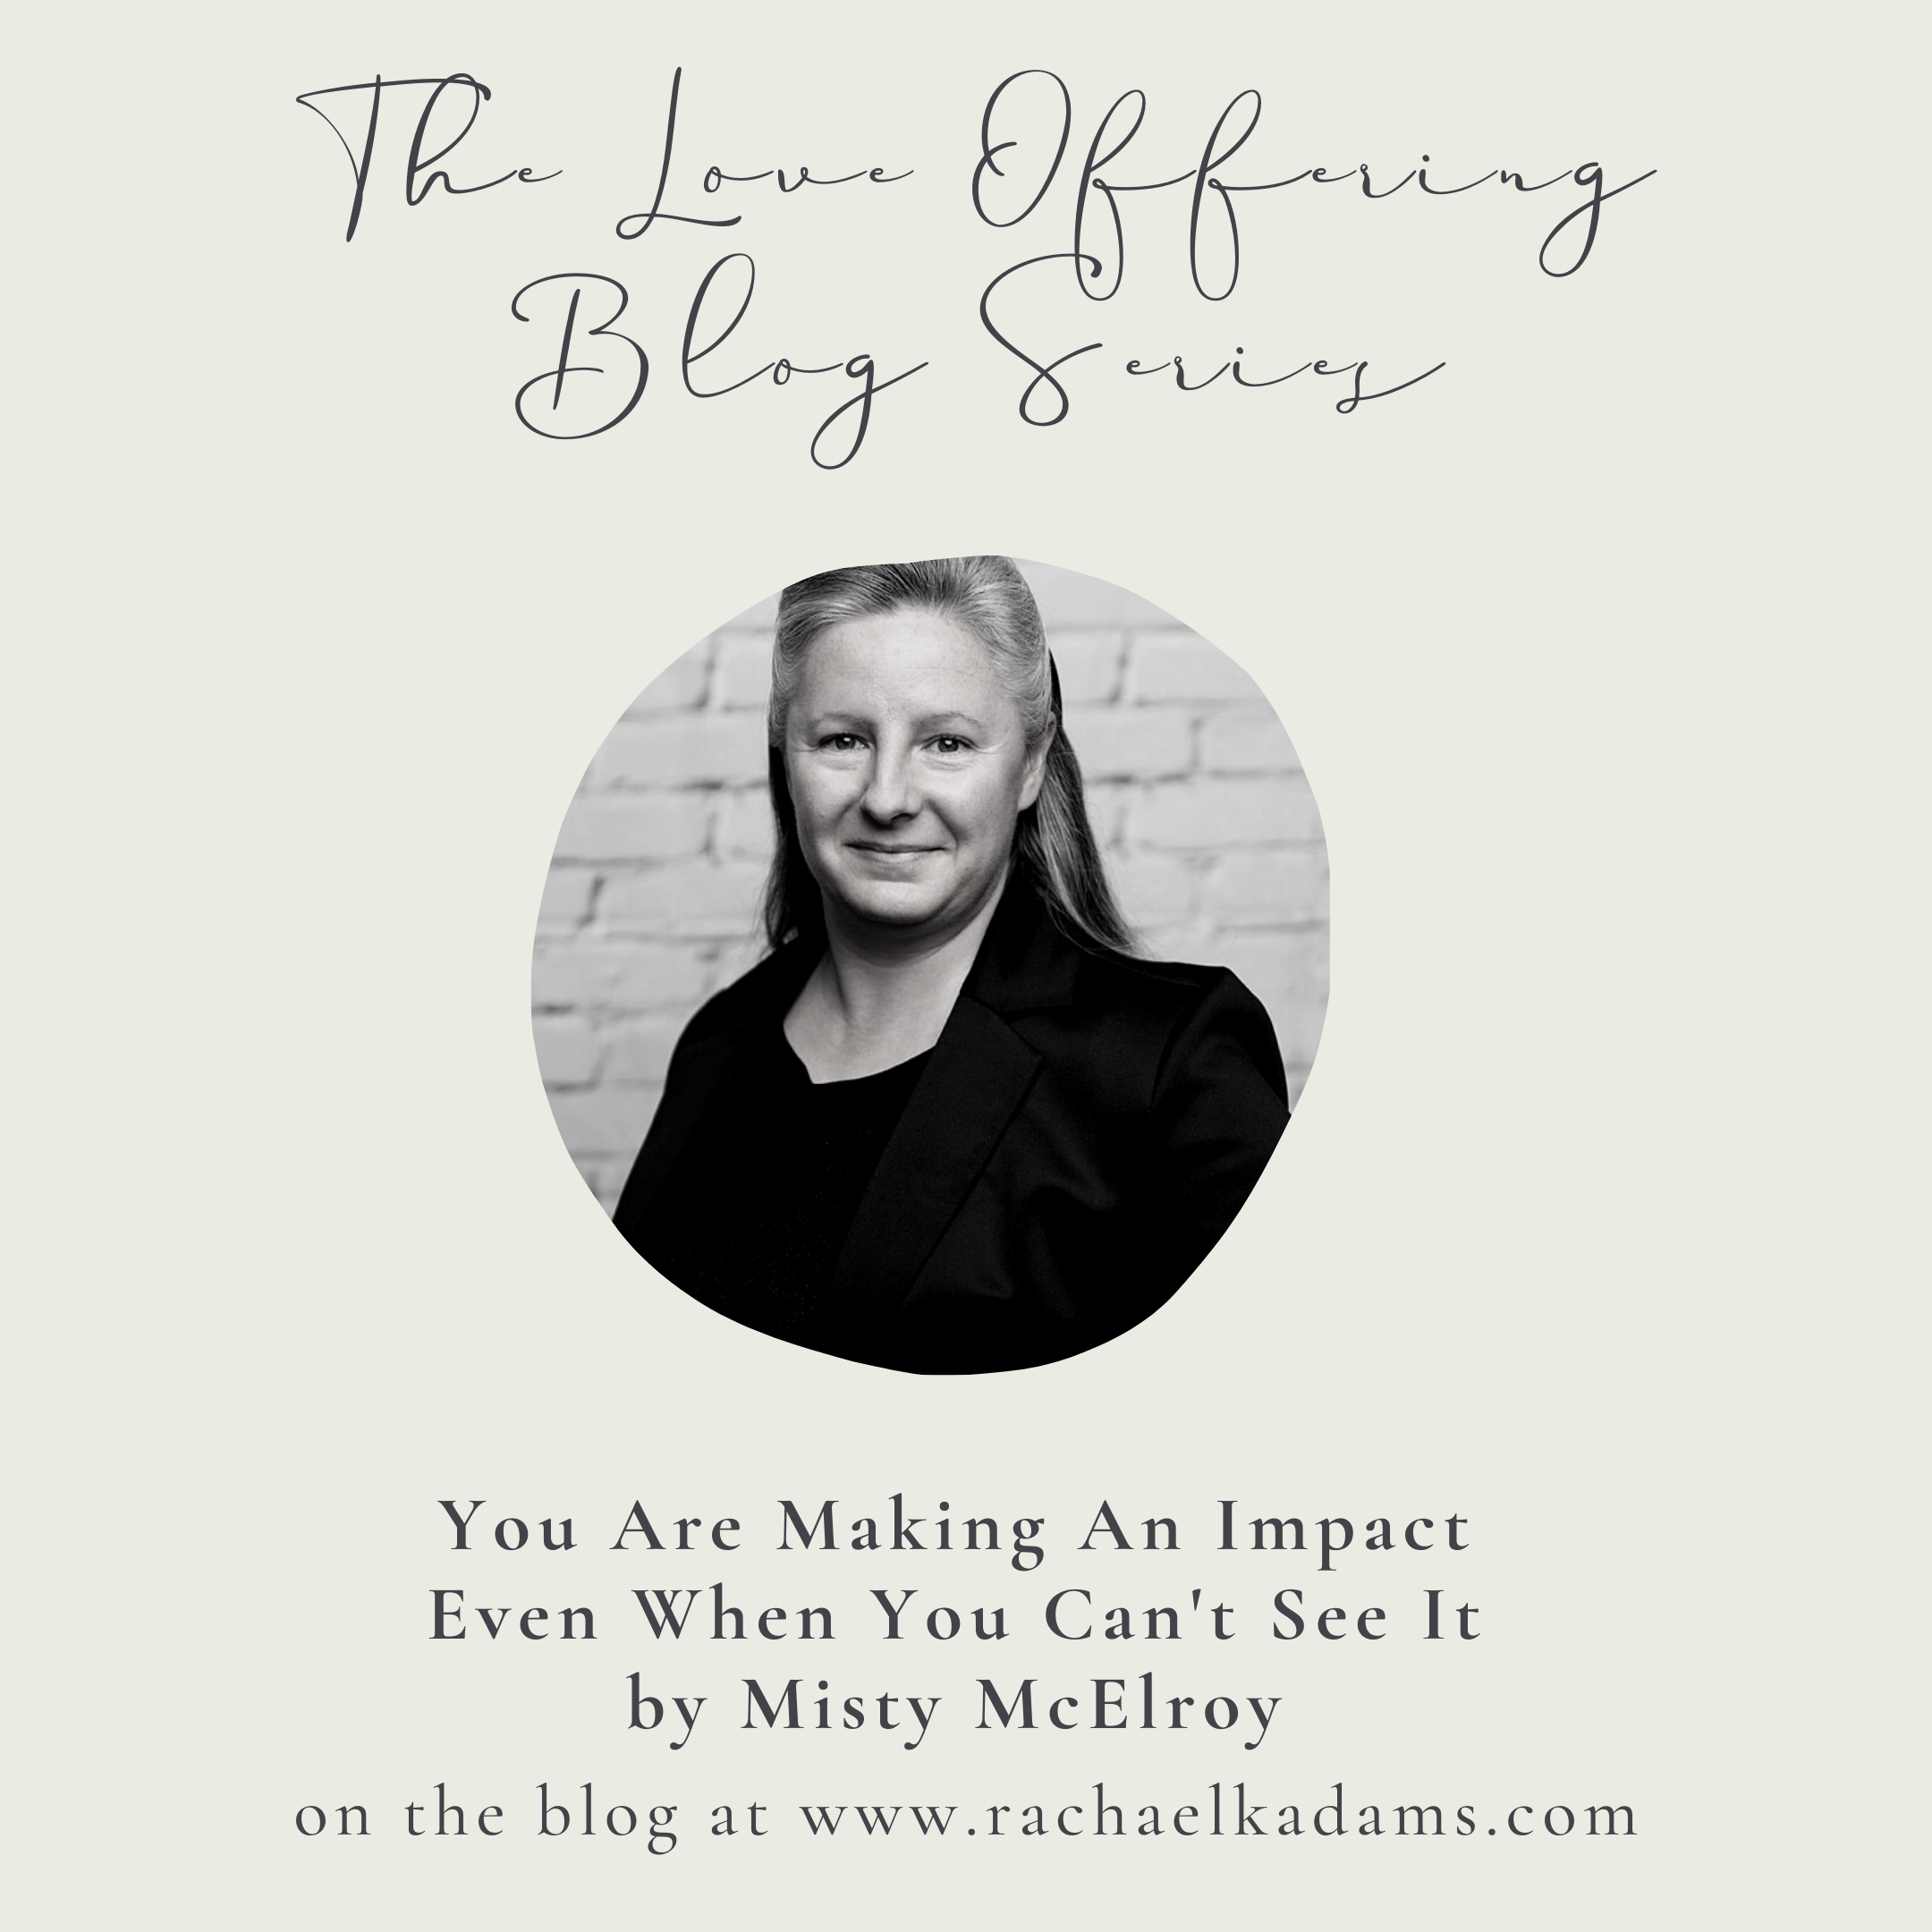 Misty McElroy